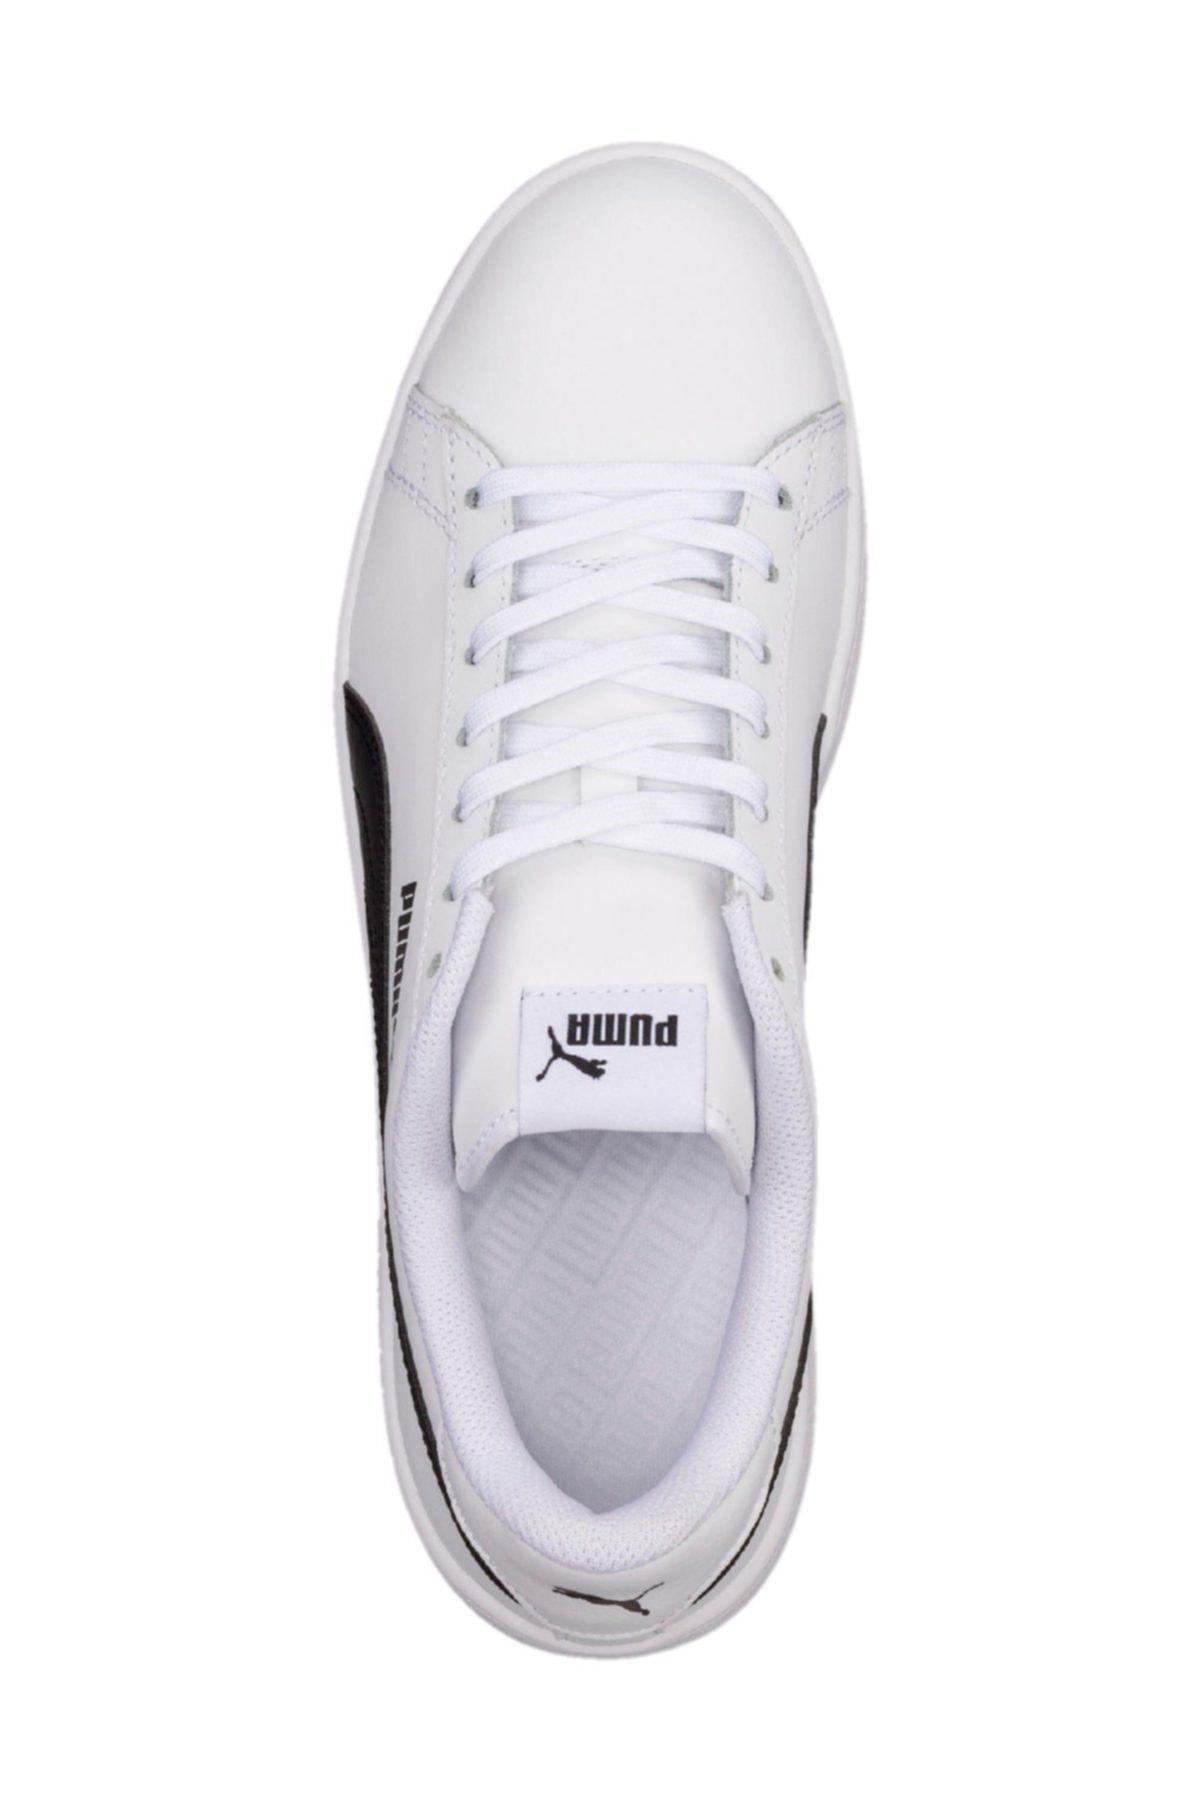 Puma 36521501 Smash v2 Spor Ayakkabı 2